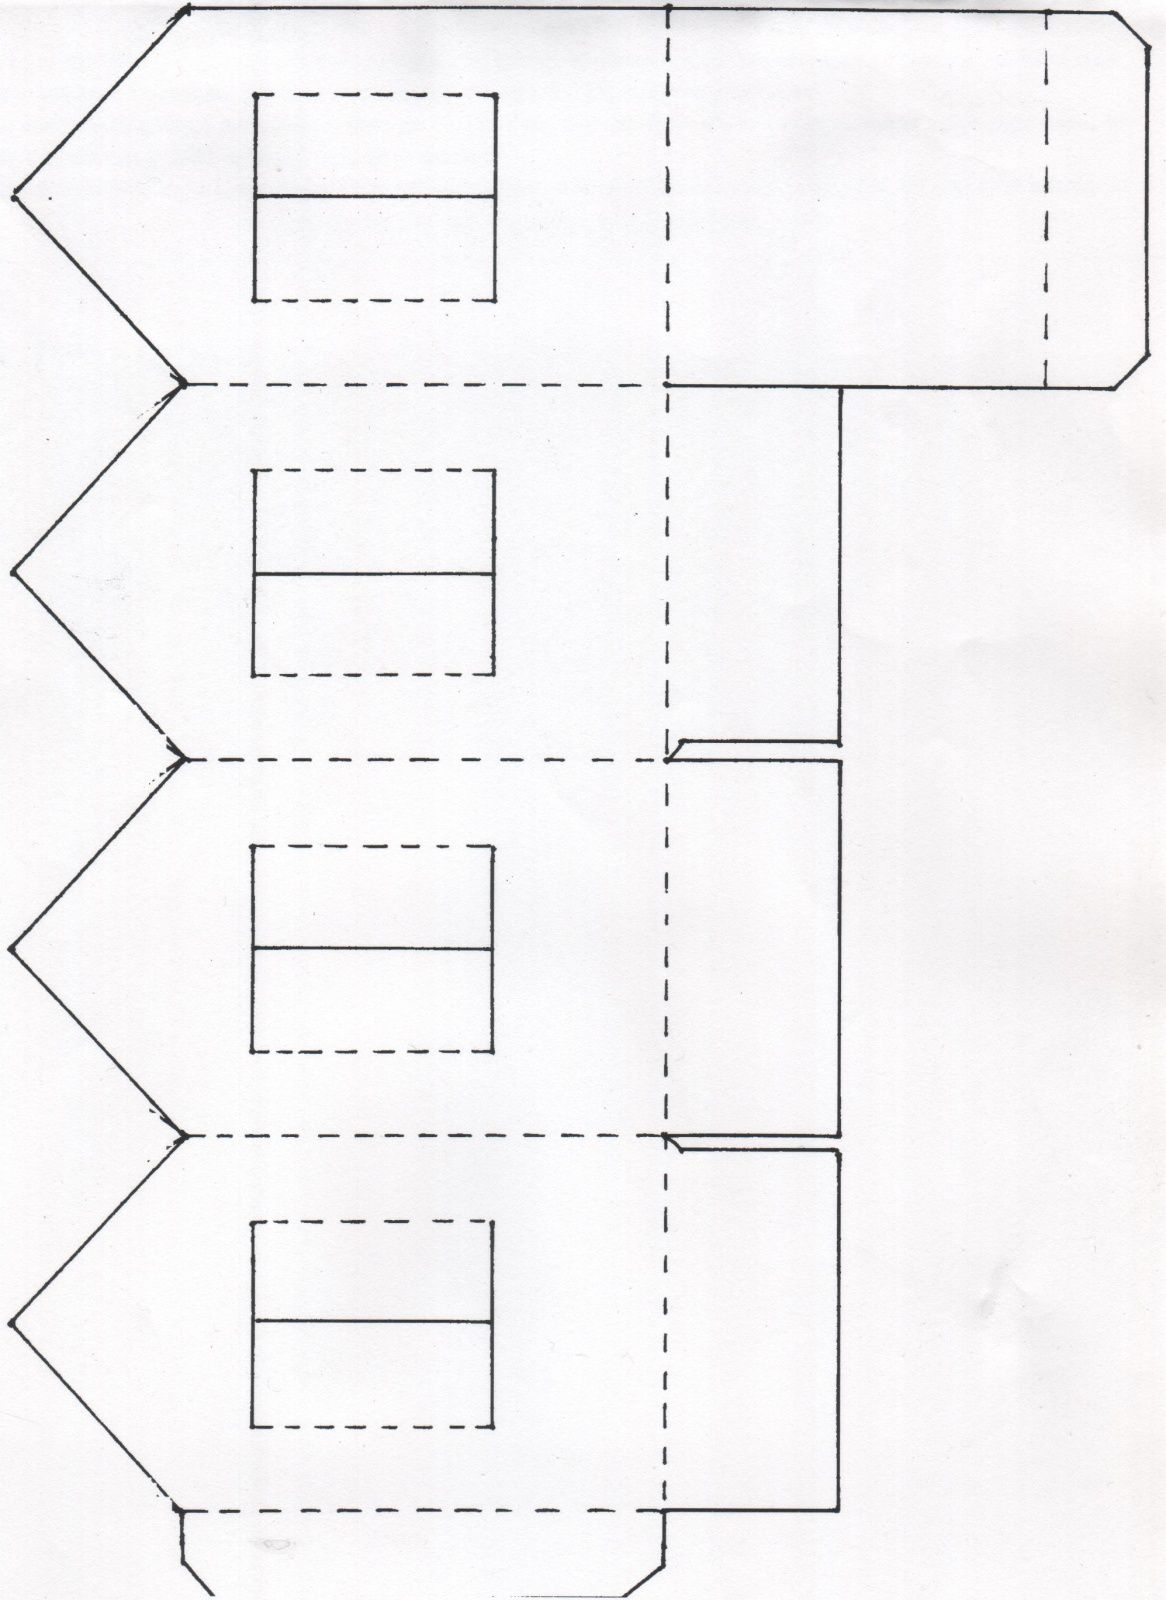 Une Maison Photophore En Papier   Maisons De Papier, Papier à Patron De Maison En Papier A Imprimer